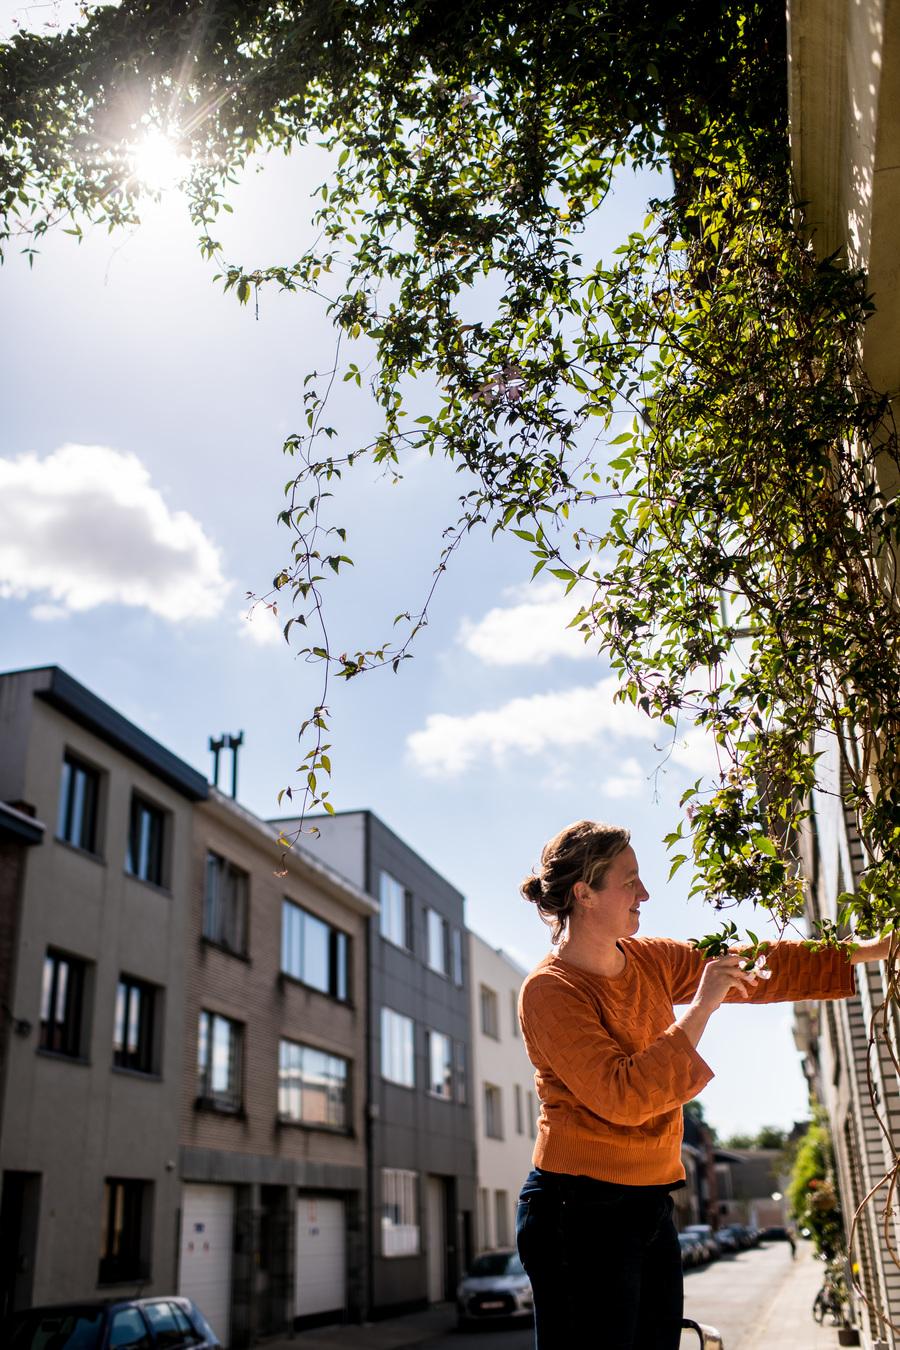 Borgerhoutenaar Geertje en haar groenslinger